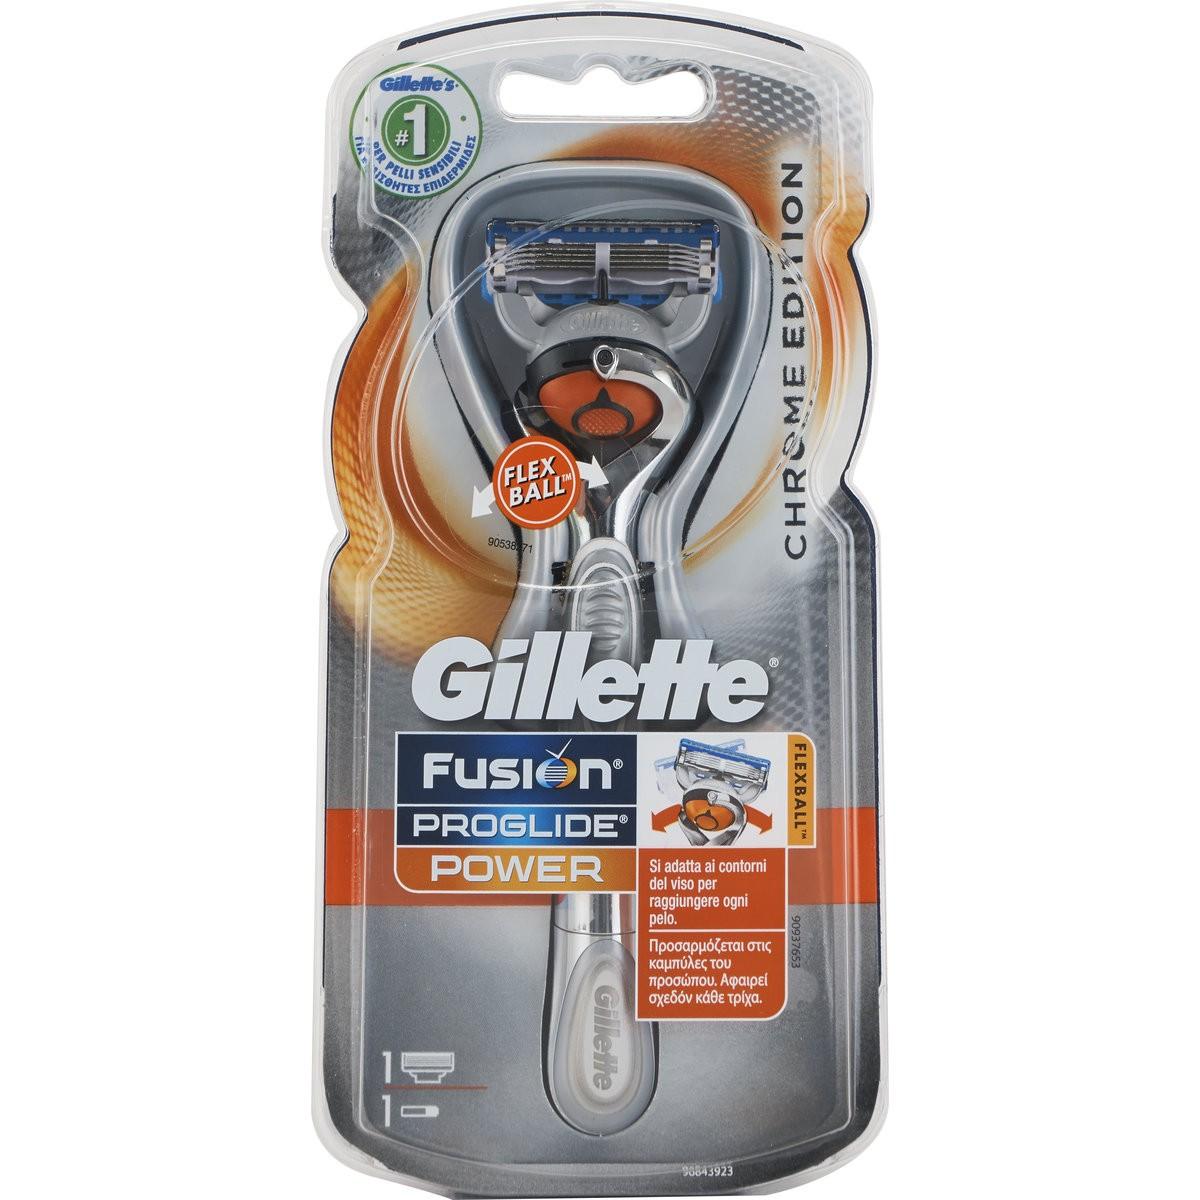 Gillette Rasoio Fusion Flexball